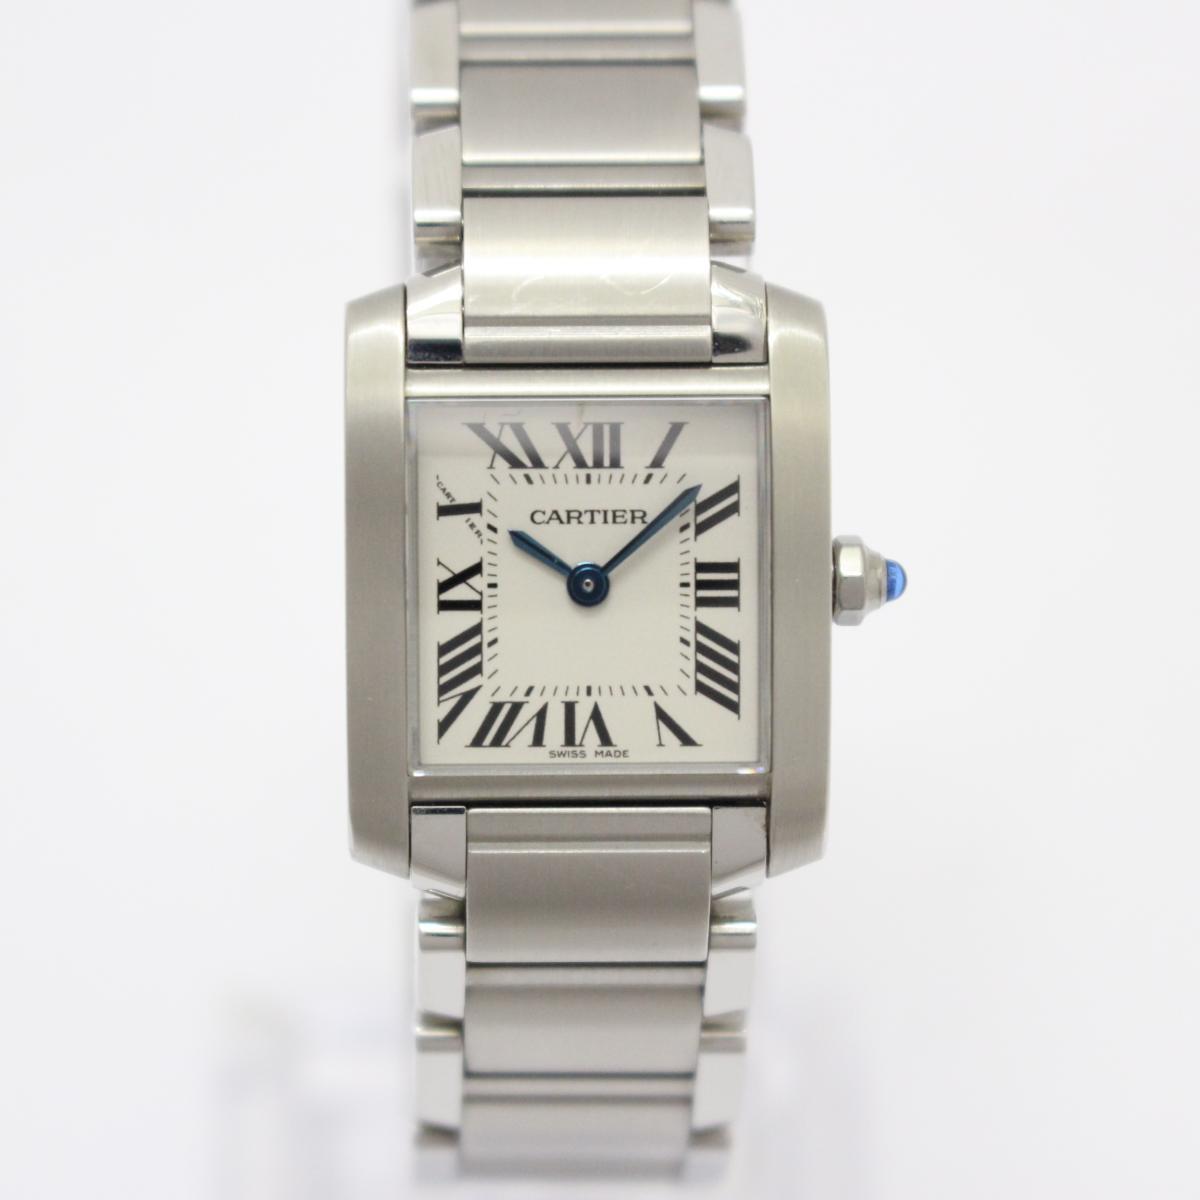 Cartier 時計 W51008Q3 タンクフランセーズSM レディースウォッチ 腕時計